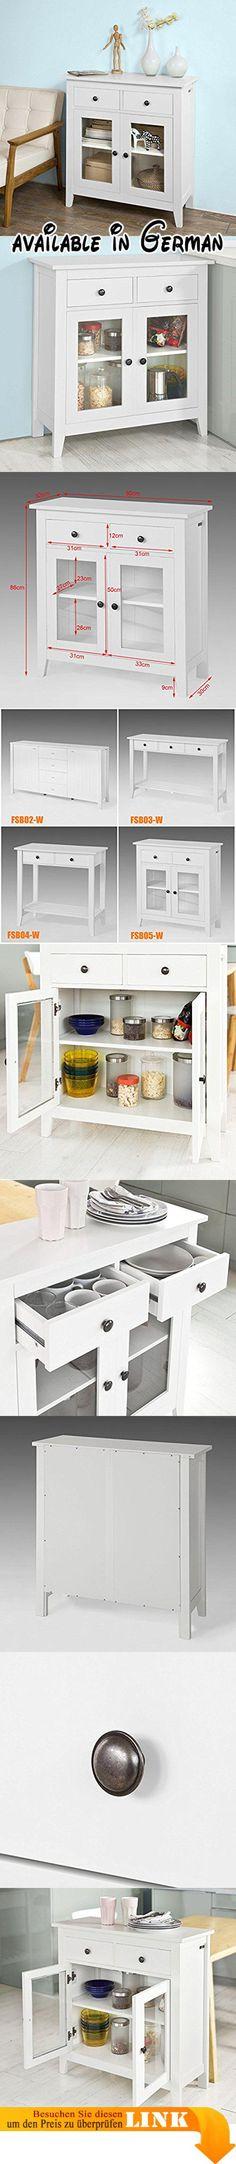 B00BZU3FCE  sette notti 350-10-10080 Polsterbett Alto mit - tür für küchenschrank